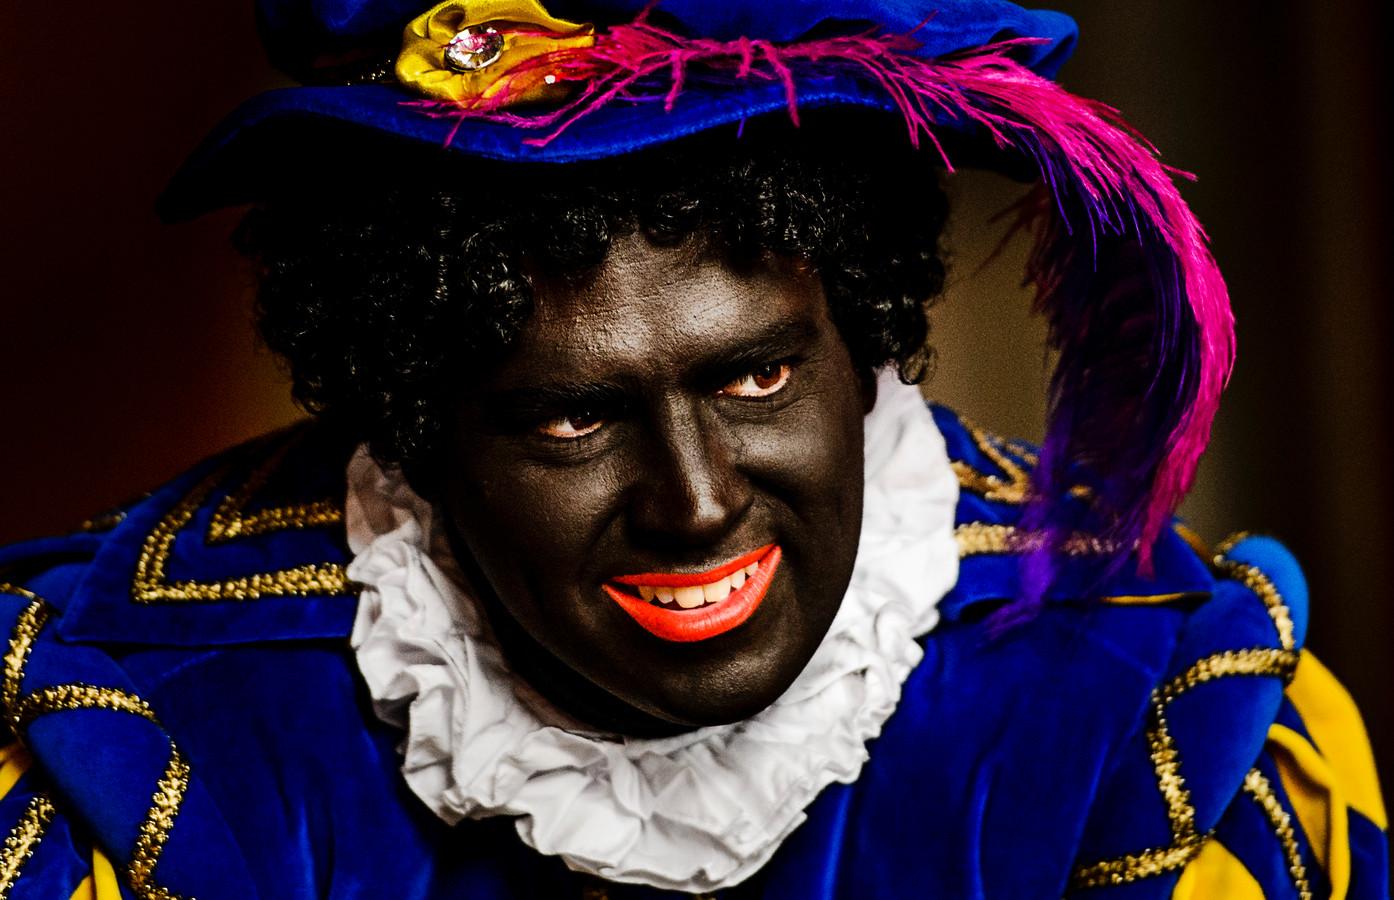 De Pieten die dit jaar namens Leefbaar Rotterdam de straat opgaan, zijn nog wel zwart.